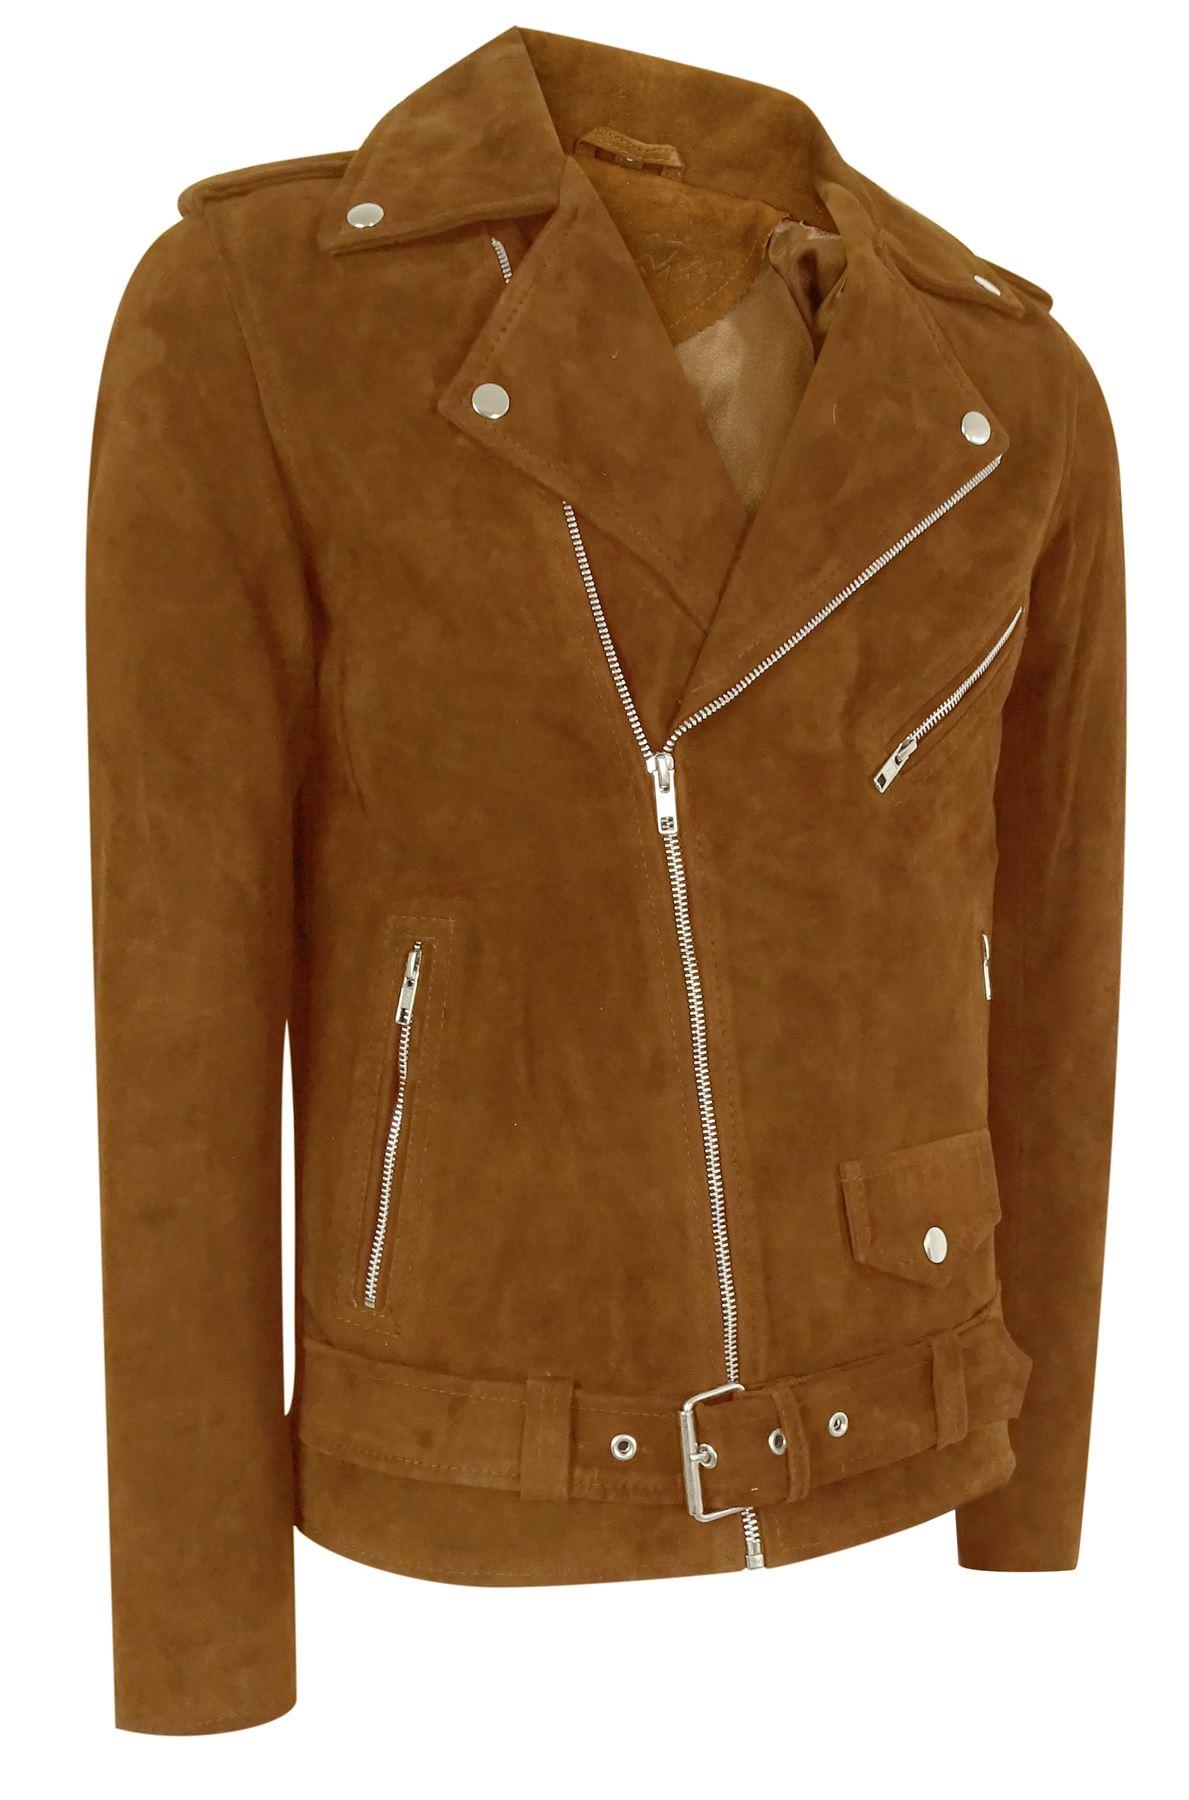 Paninaro a cappotti e giacche vintage da uomo   Acquisti